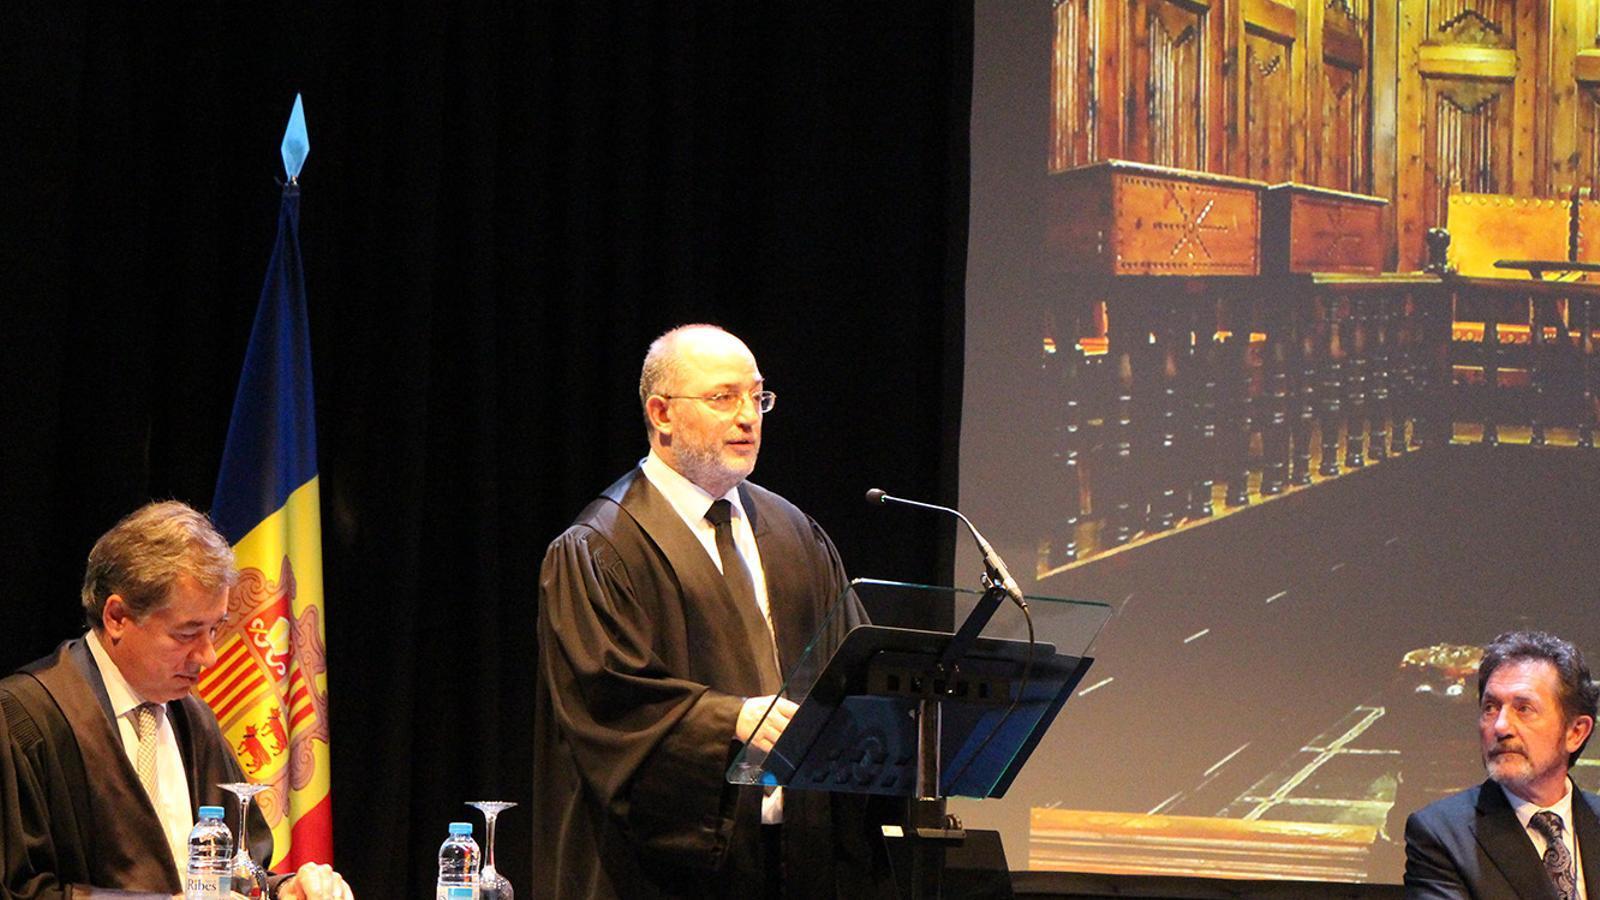 Un moment de la intervenció del fiscal general, Alfons Alberca, durant l'obertura de l'any judicial. / M. F.